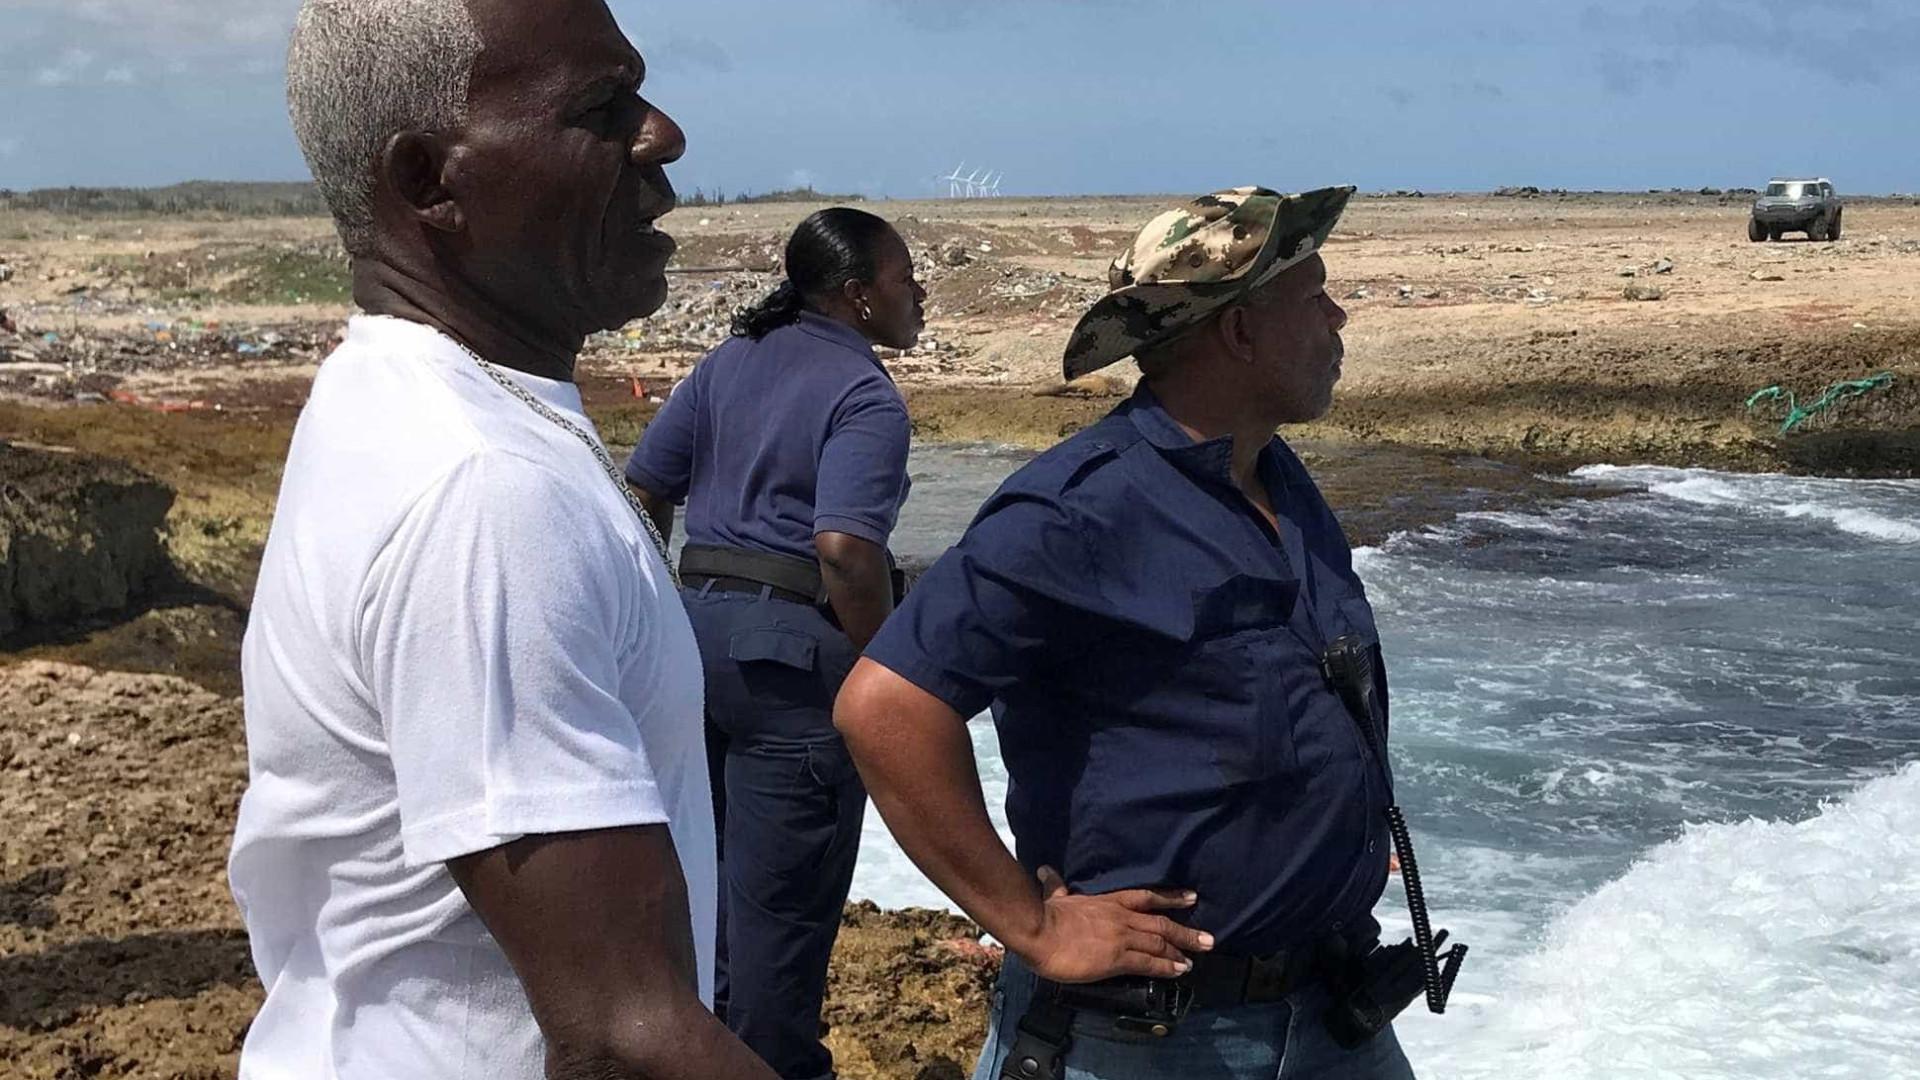 Curaçao: 16 venezuelanos sobreviveram a naufrágio; 5 morreram